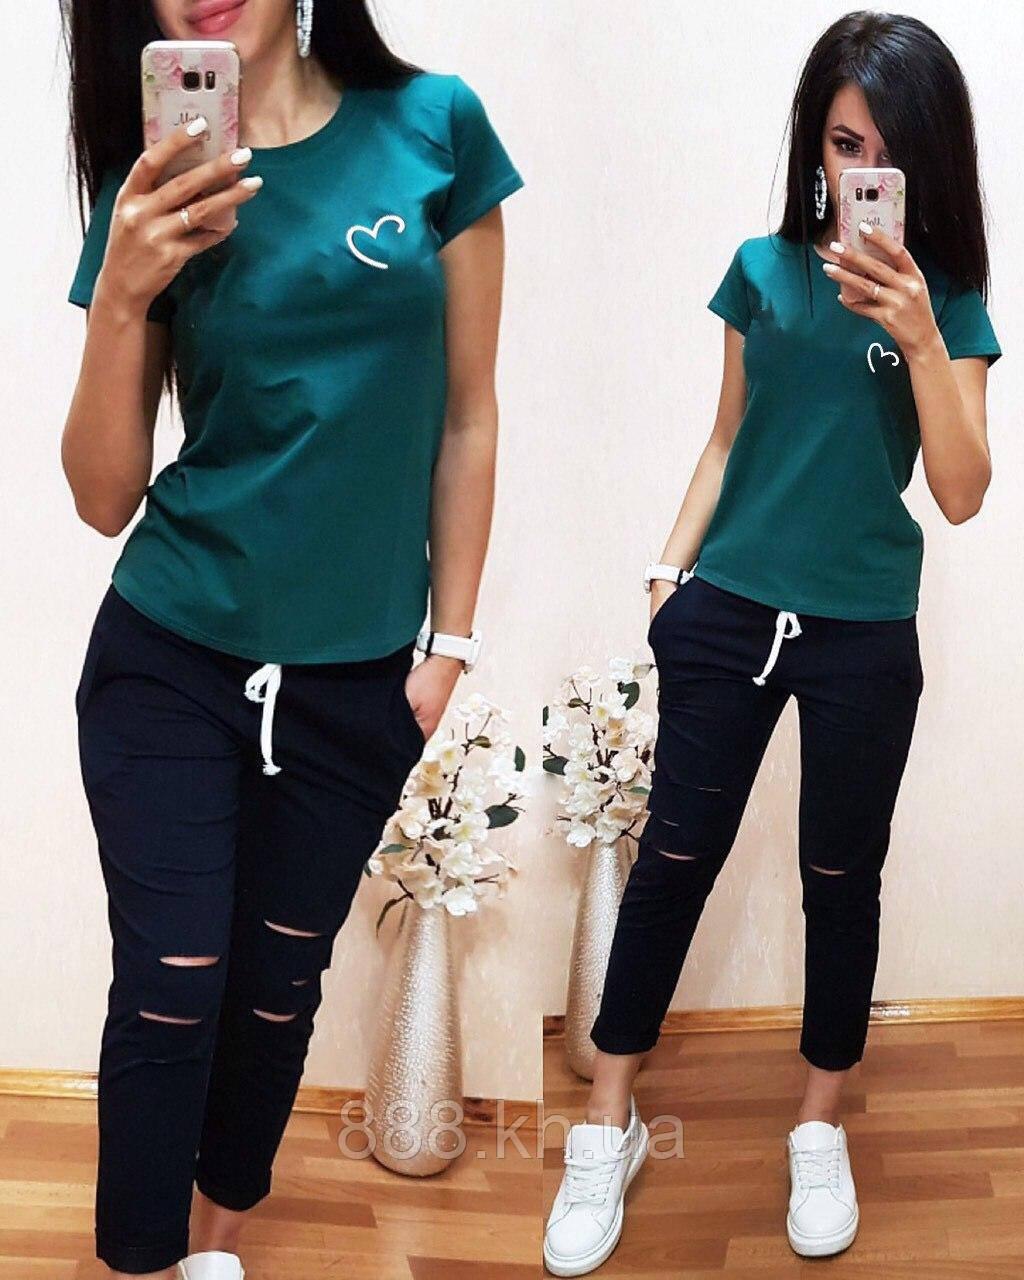 Женская футболка на лето, легкая футболка для девочек S/M/L/XL (зеленый)